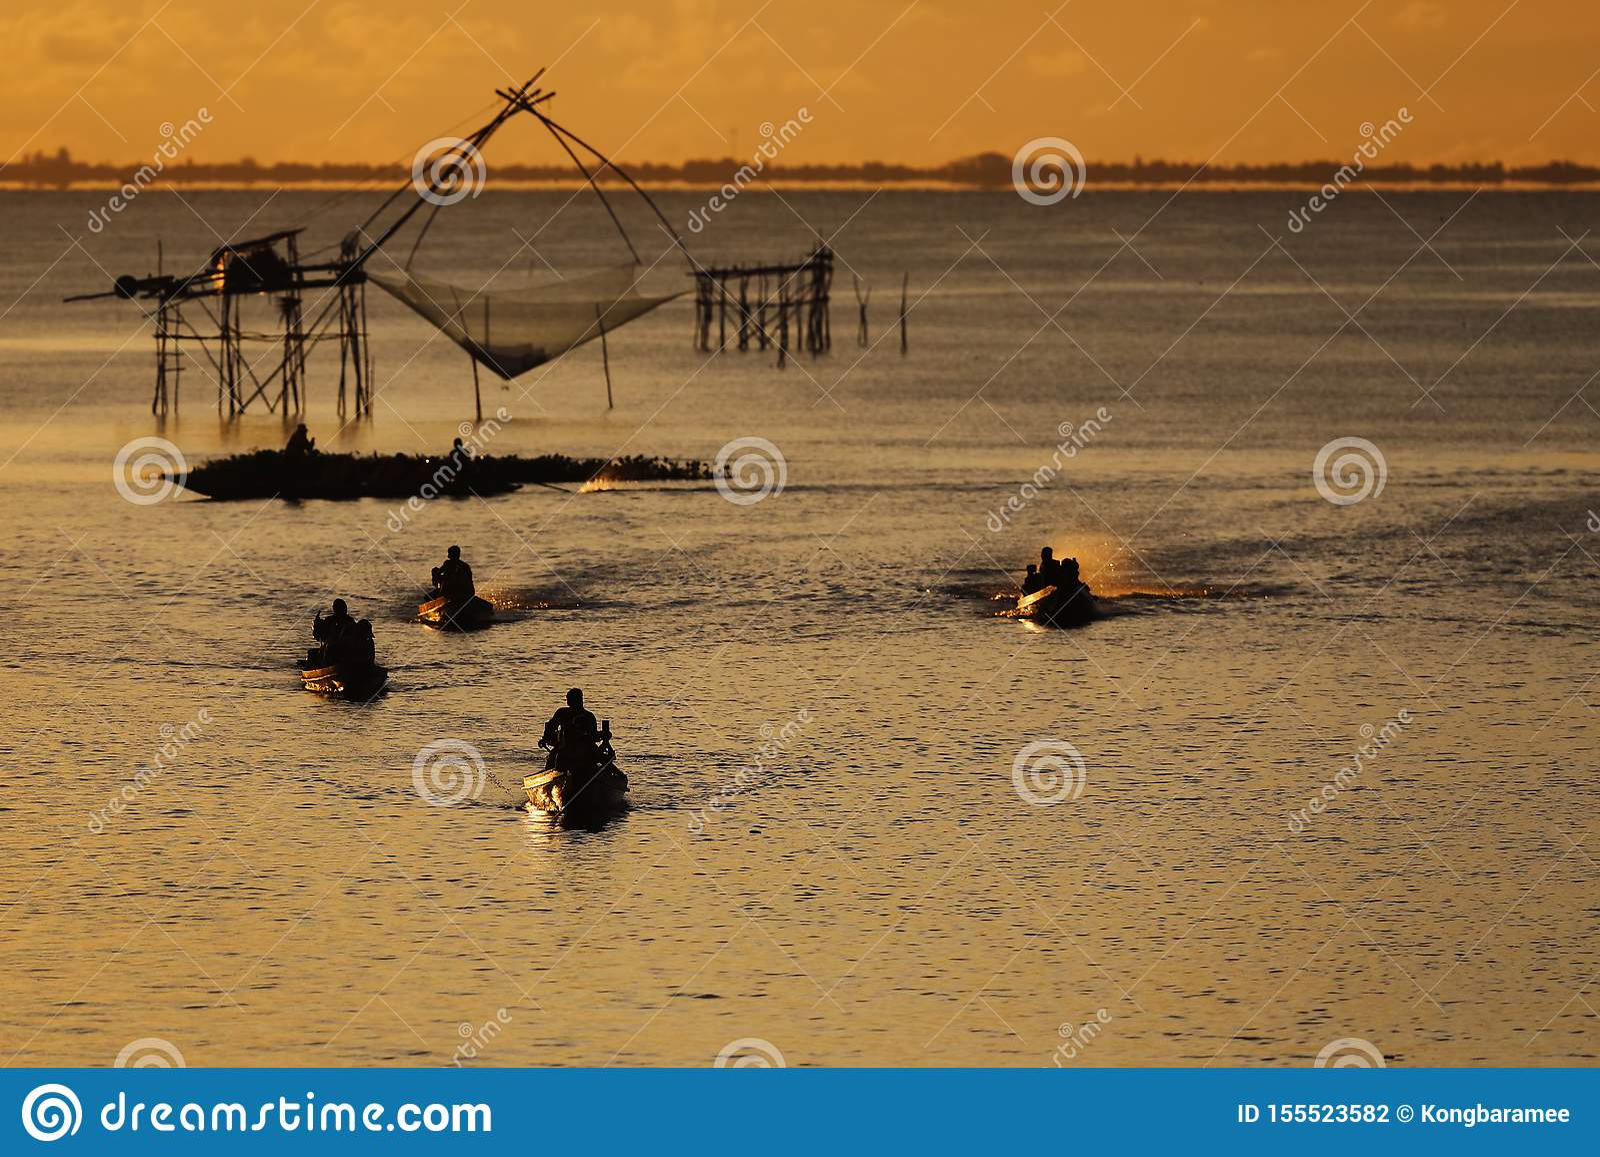 Fiskekultur i Thailand med stora netto fisknät för låsfisken, puttalunglandskap, South East Asia på solnedgången